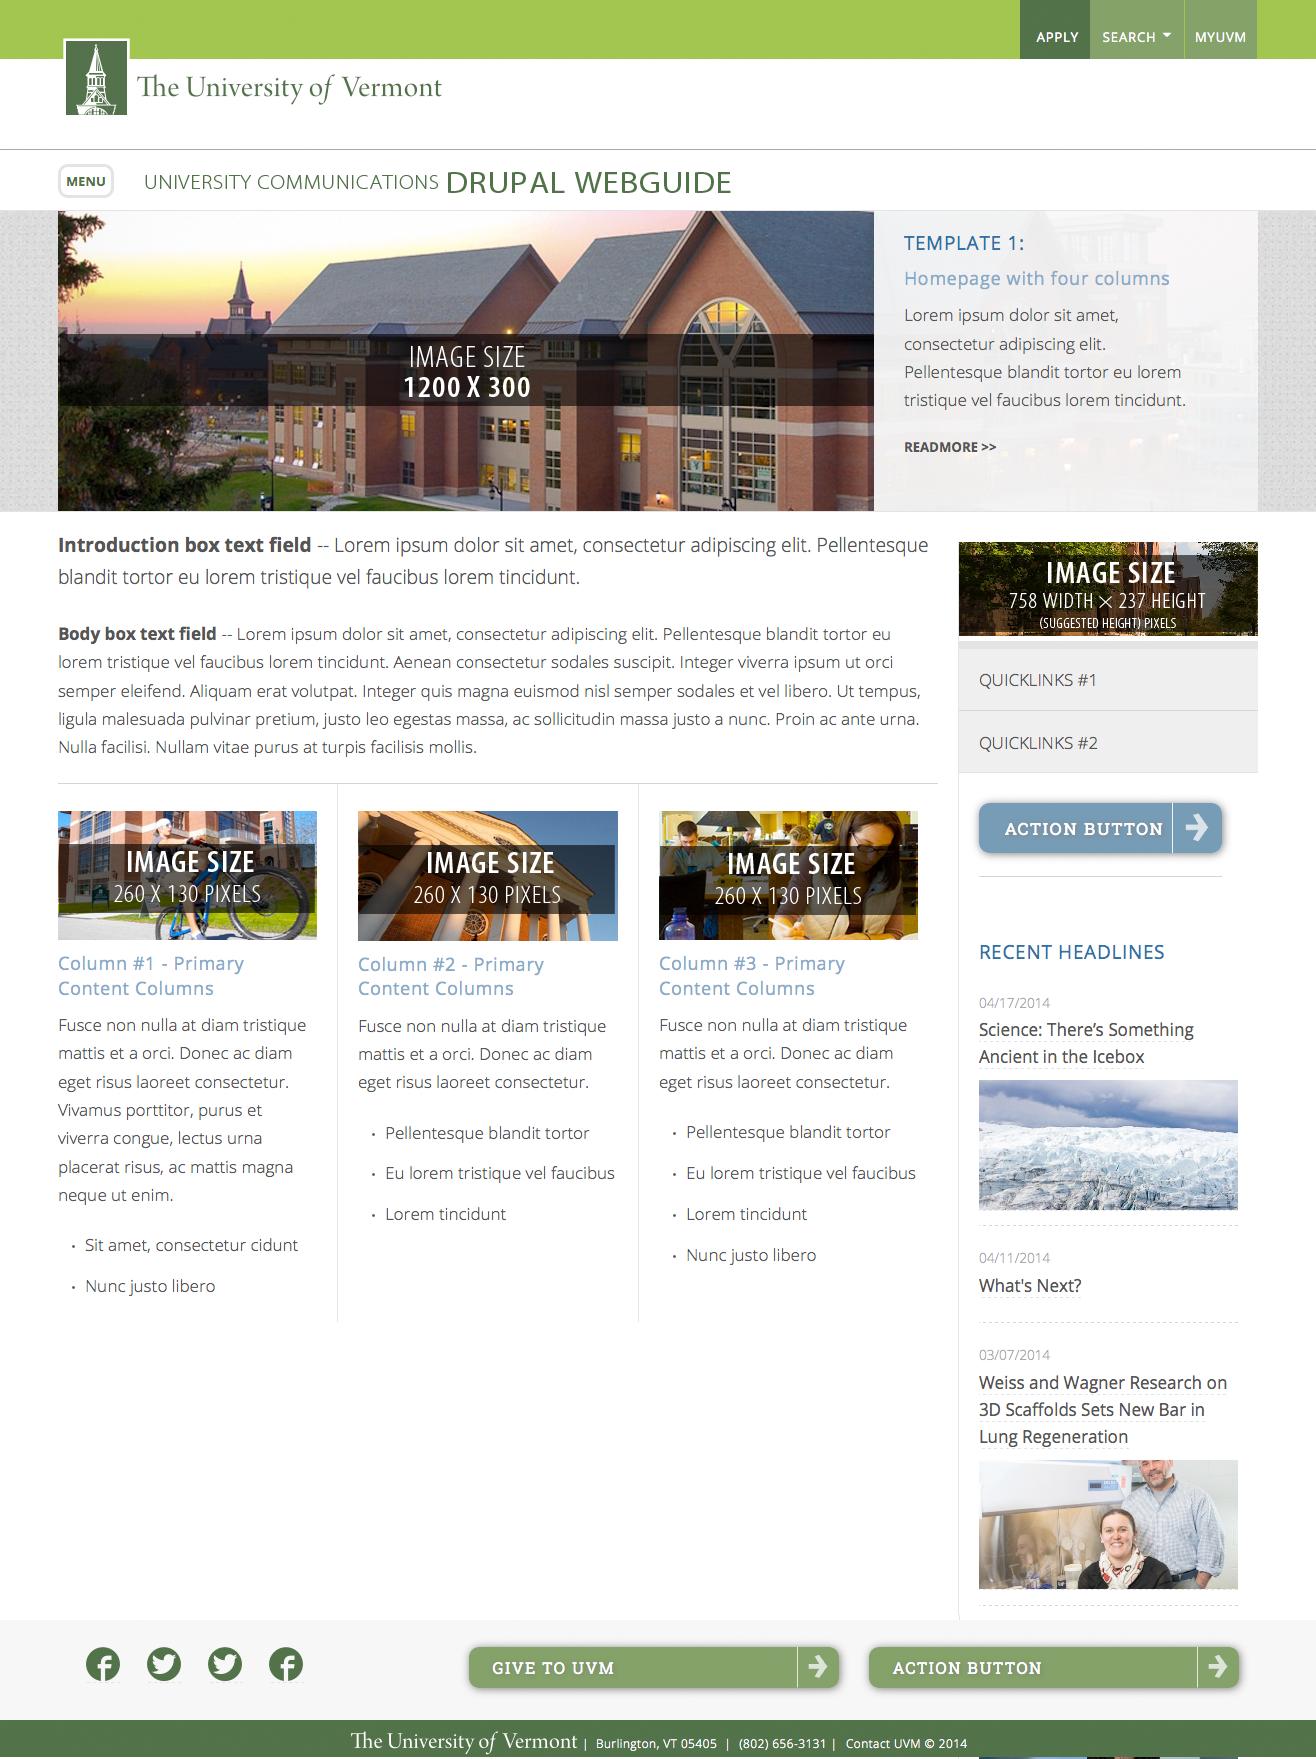 Uvm Website Design Guide